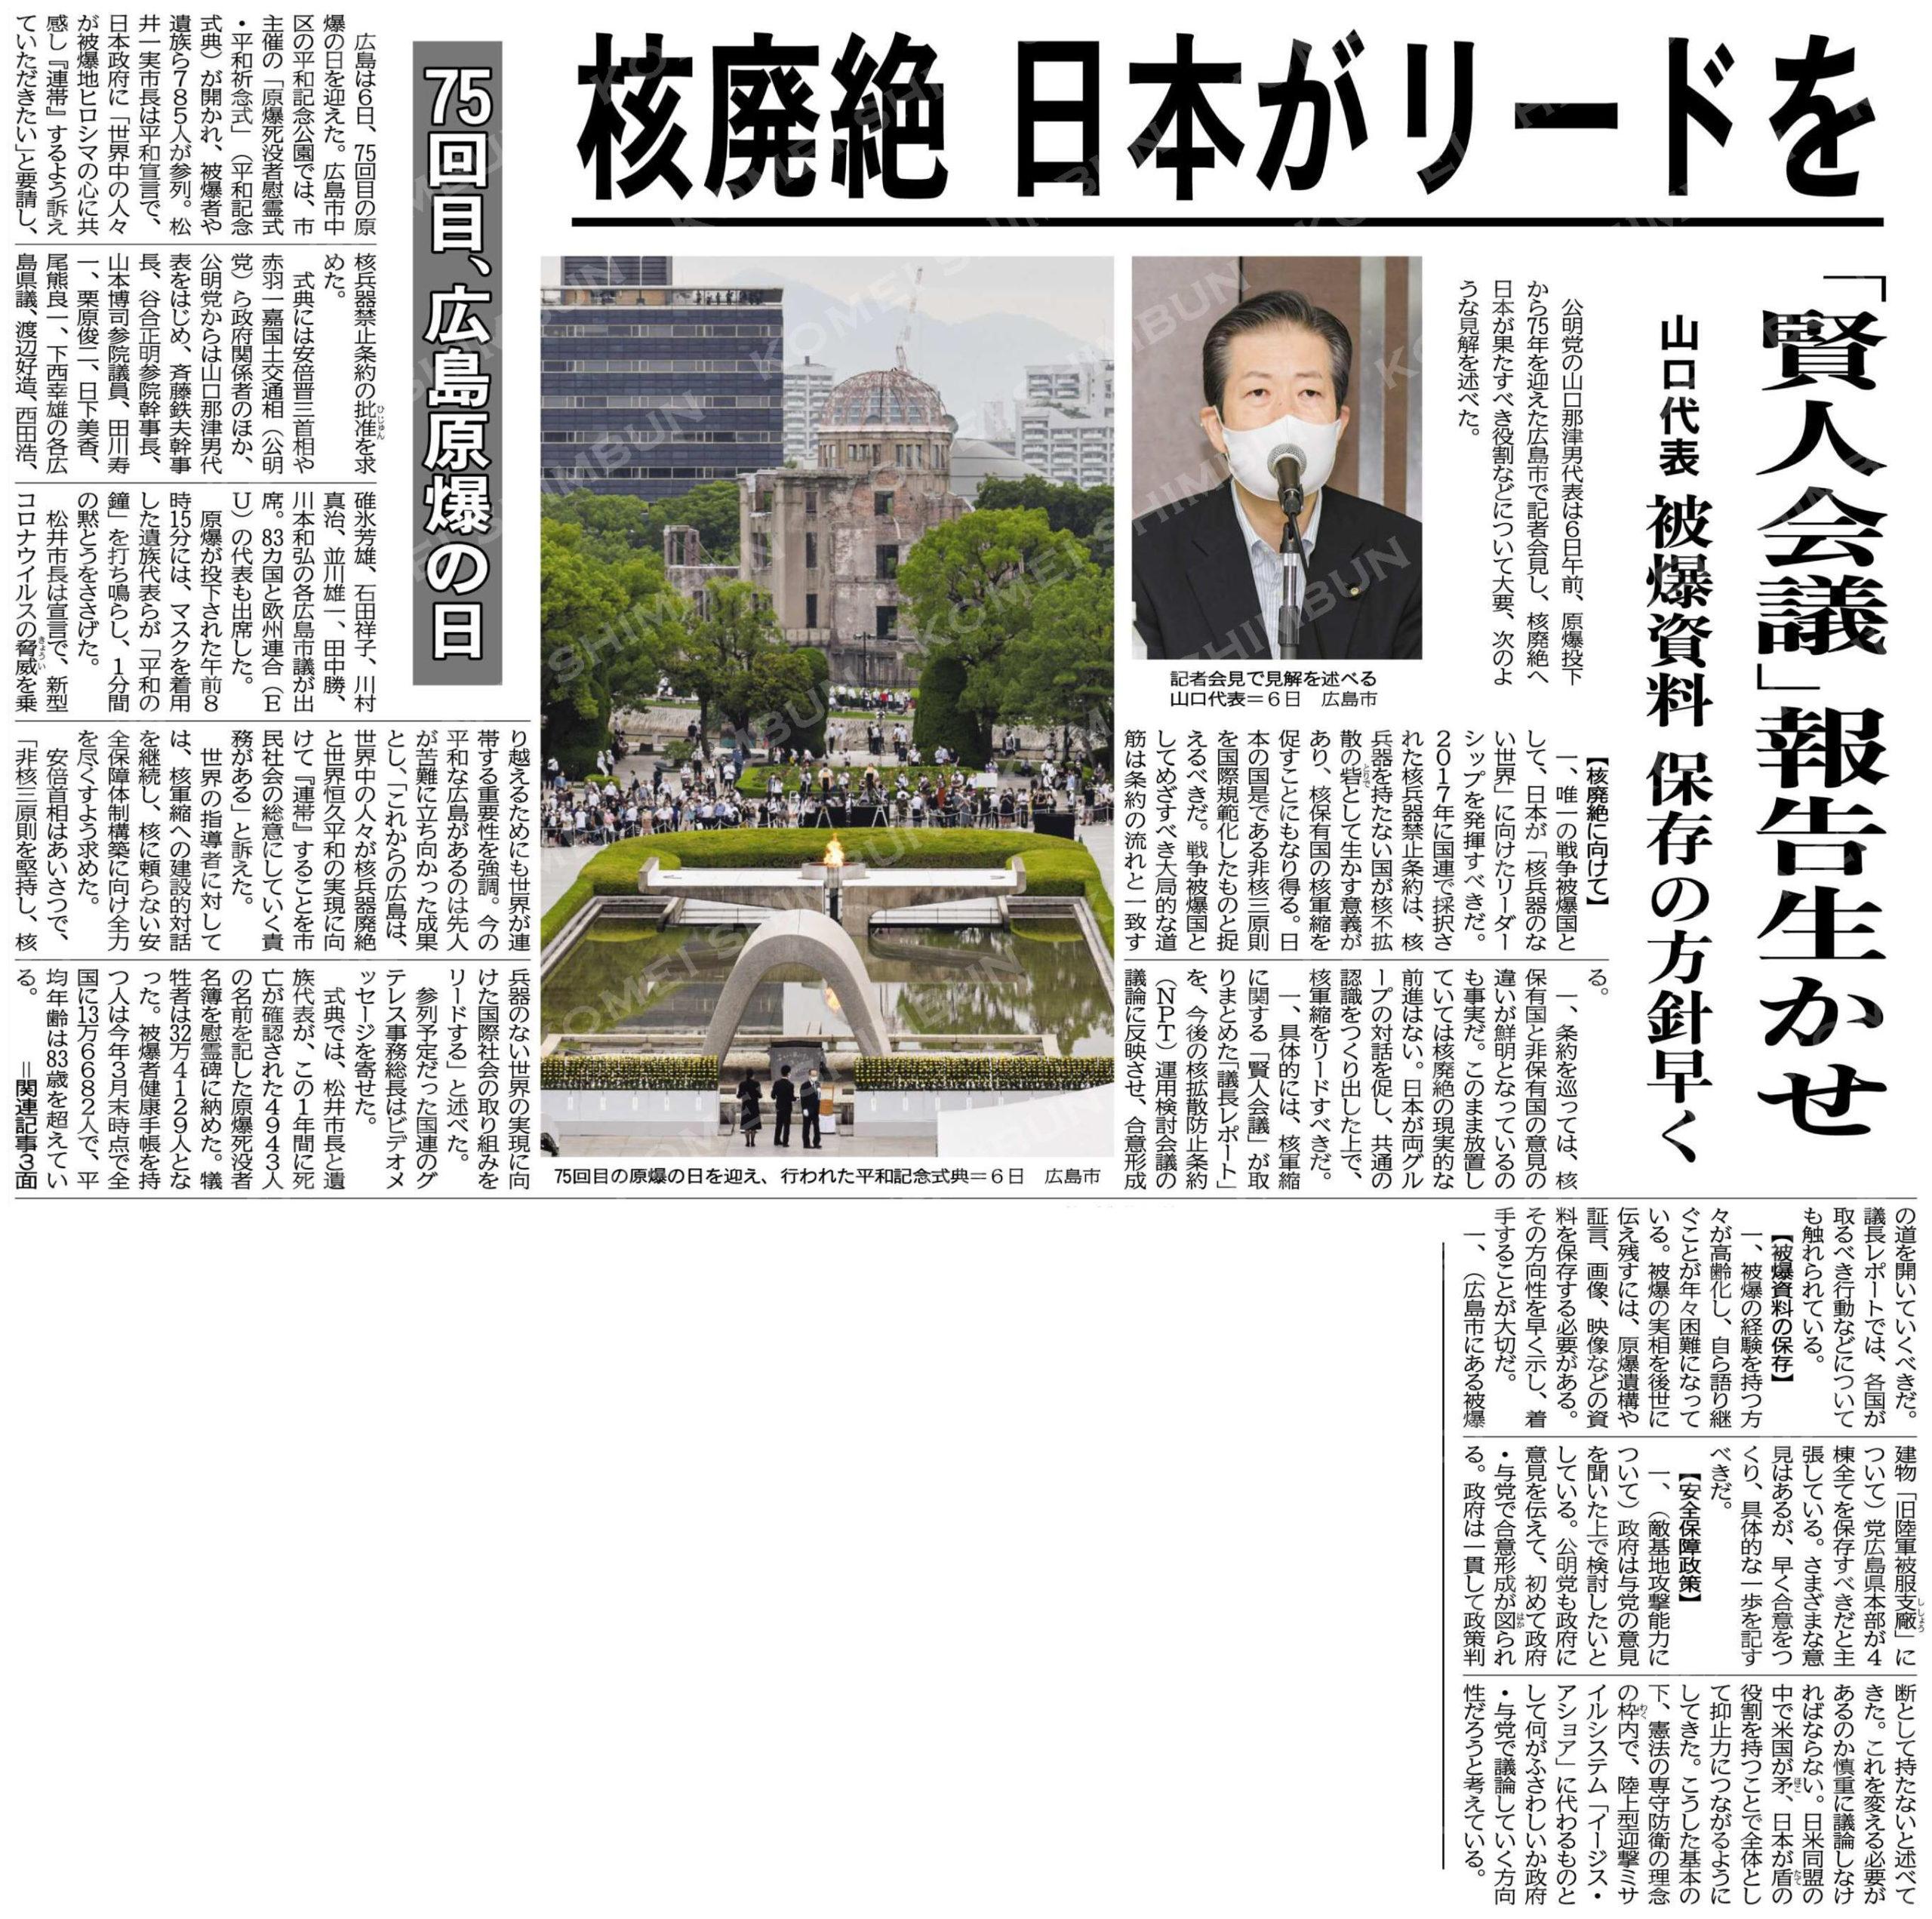 核廃絶、日本がリードを/「賢人会議」報告生かせ/山口代表「被爆資料、保存の方針早く」